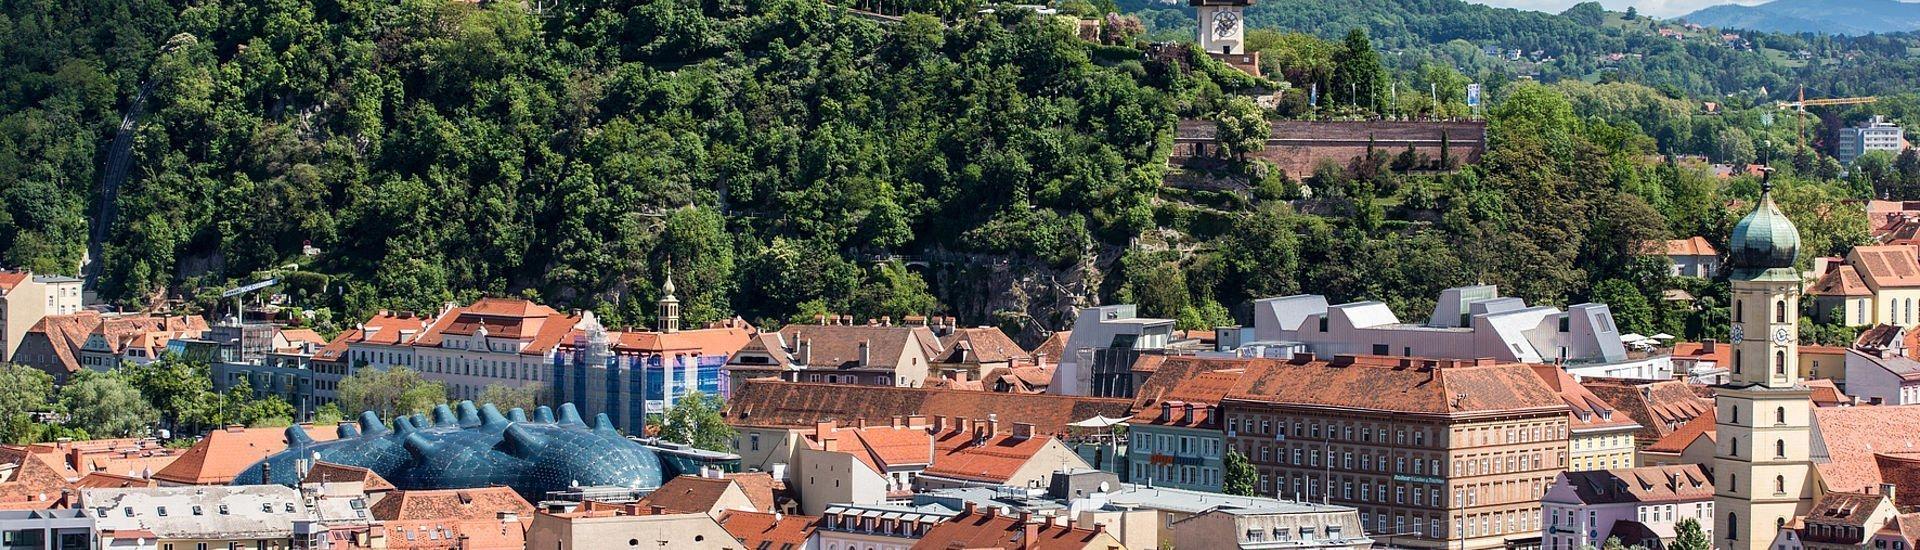 Blick über die Dächer auf den Grazer Schlossberg